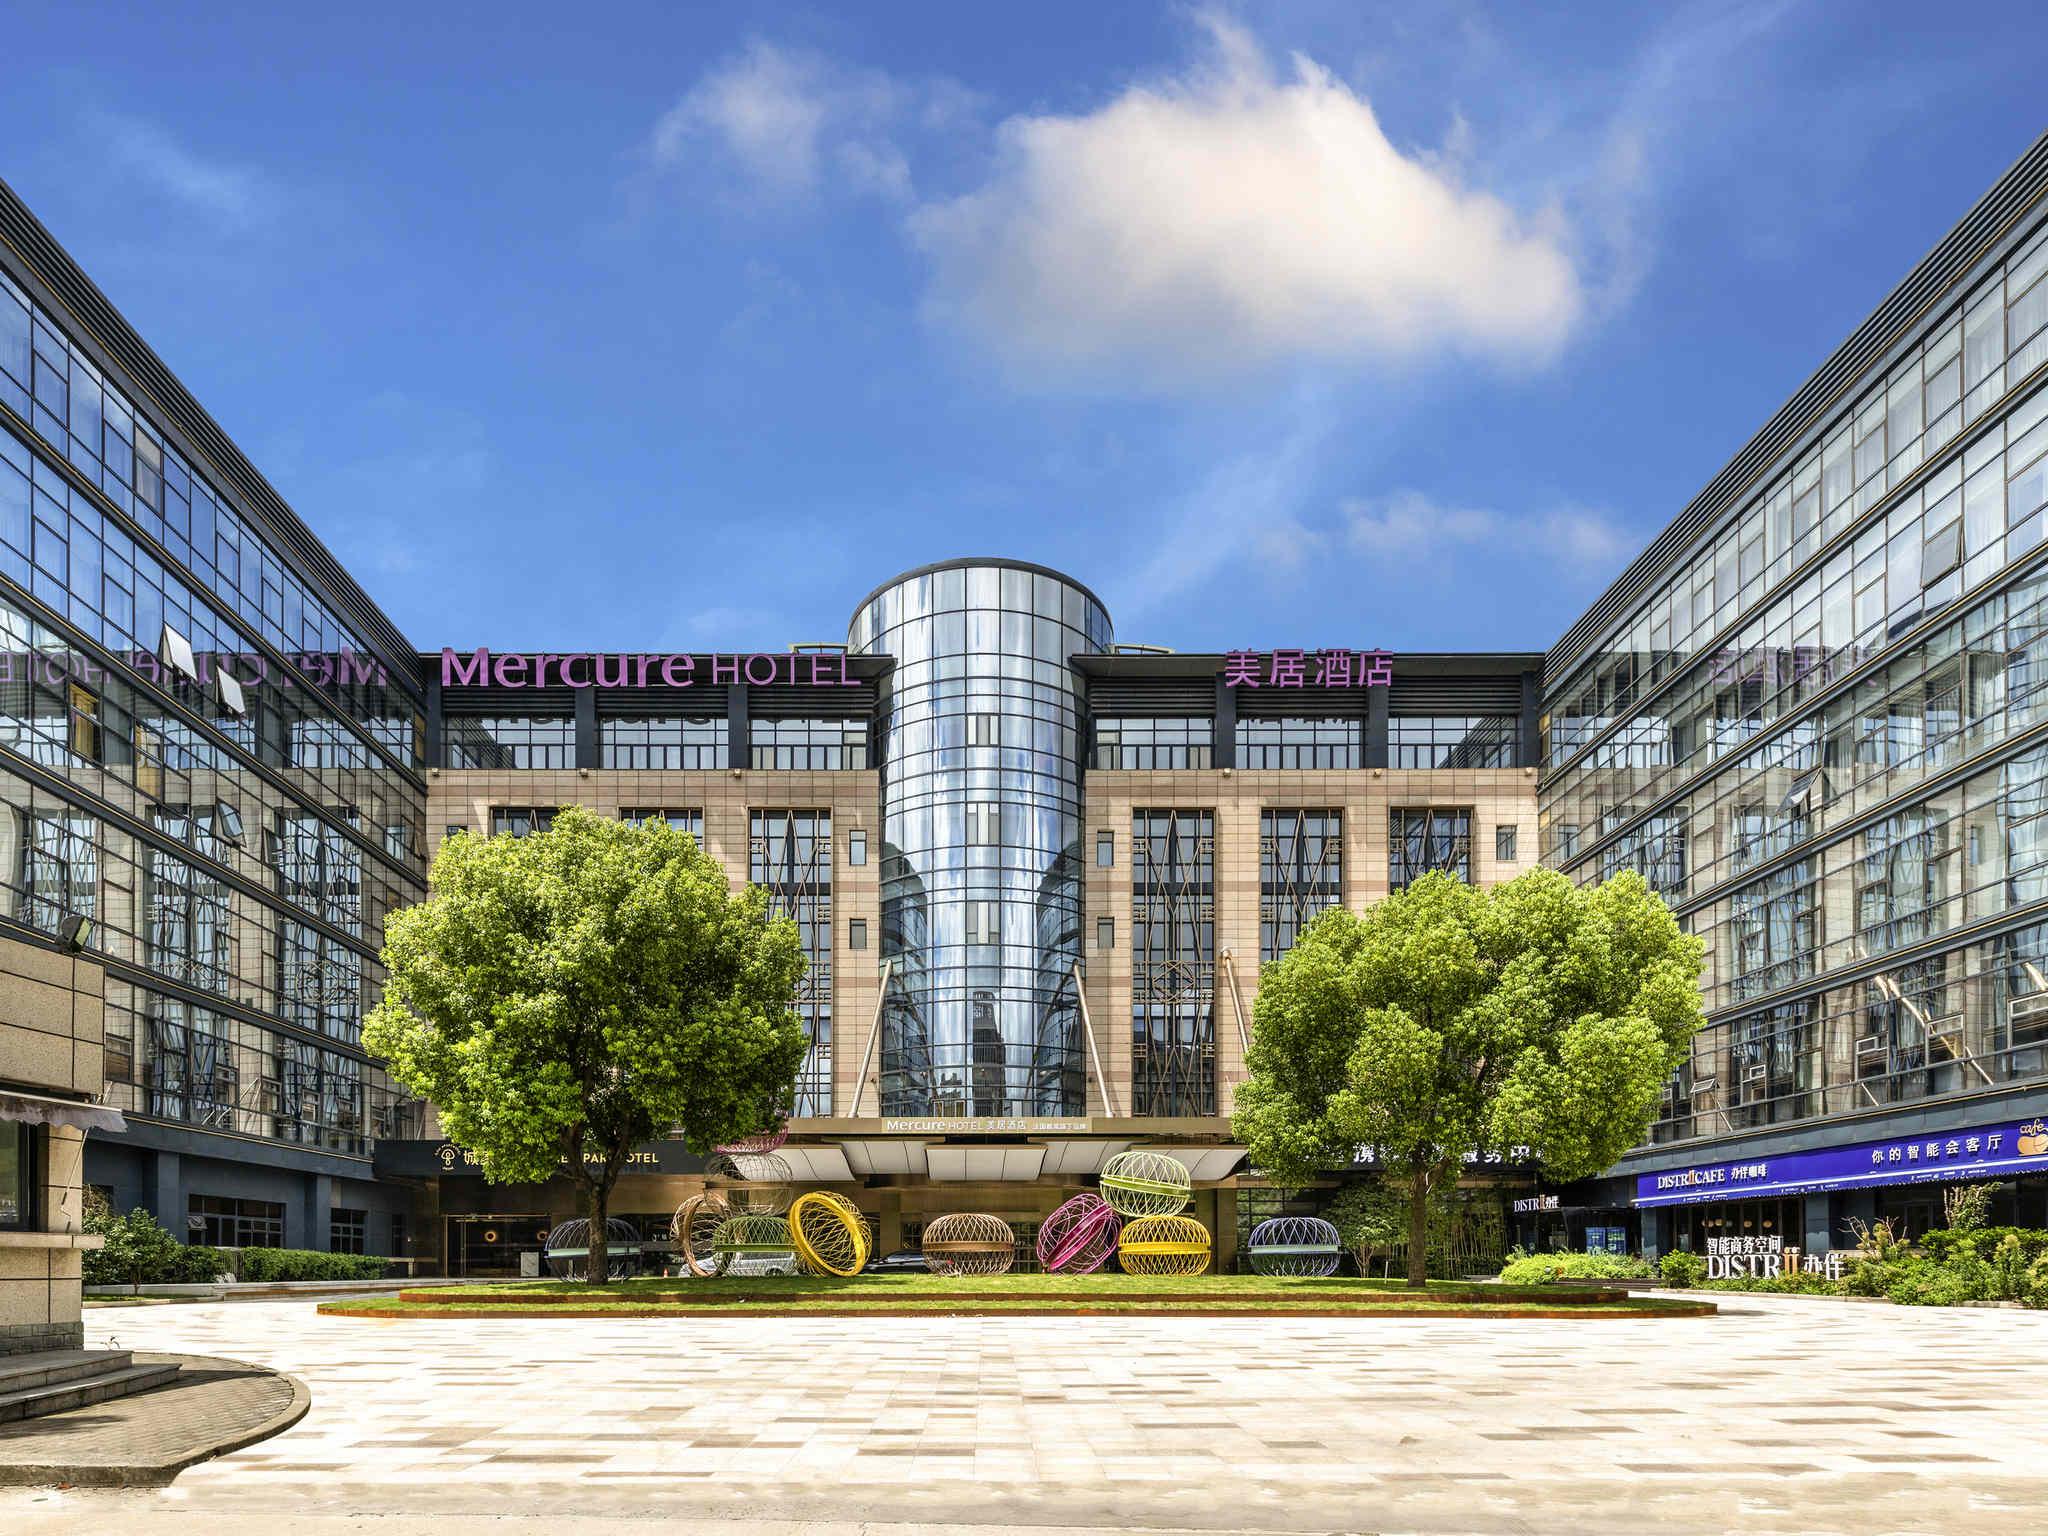 โรงแรม – มอร์เคียว เซี่ยงไฮ้ หงเฉียว โซโฮ